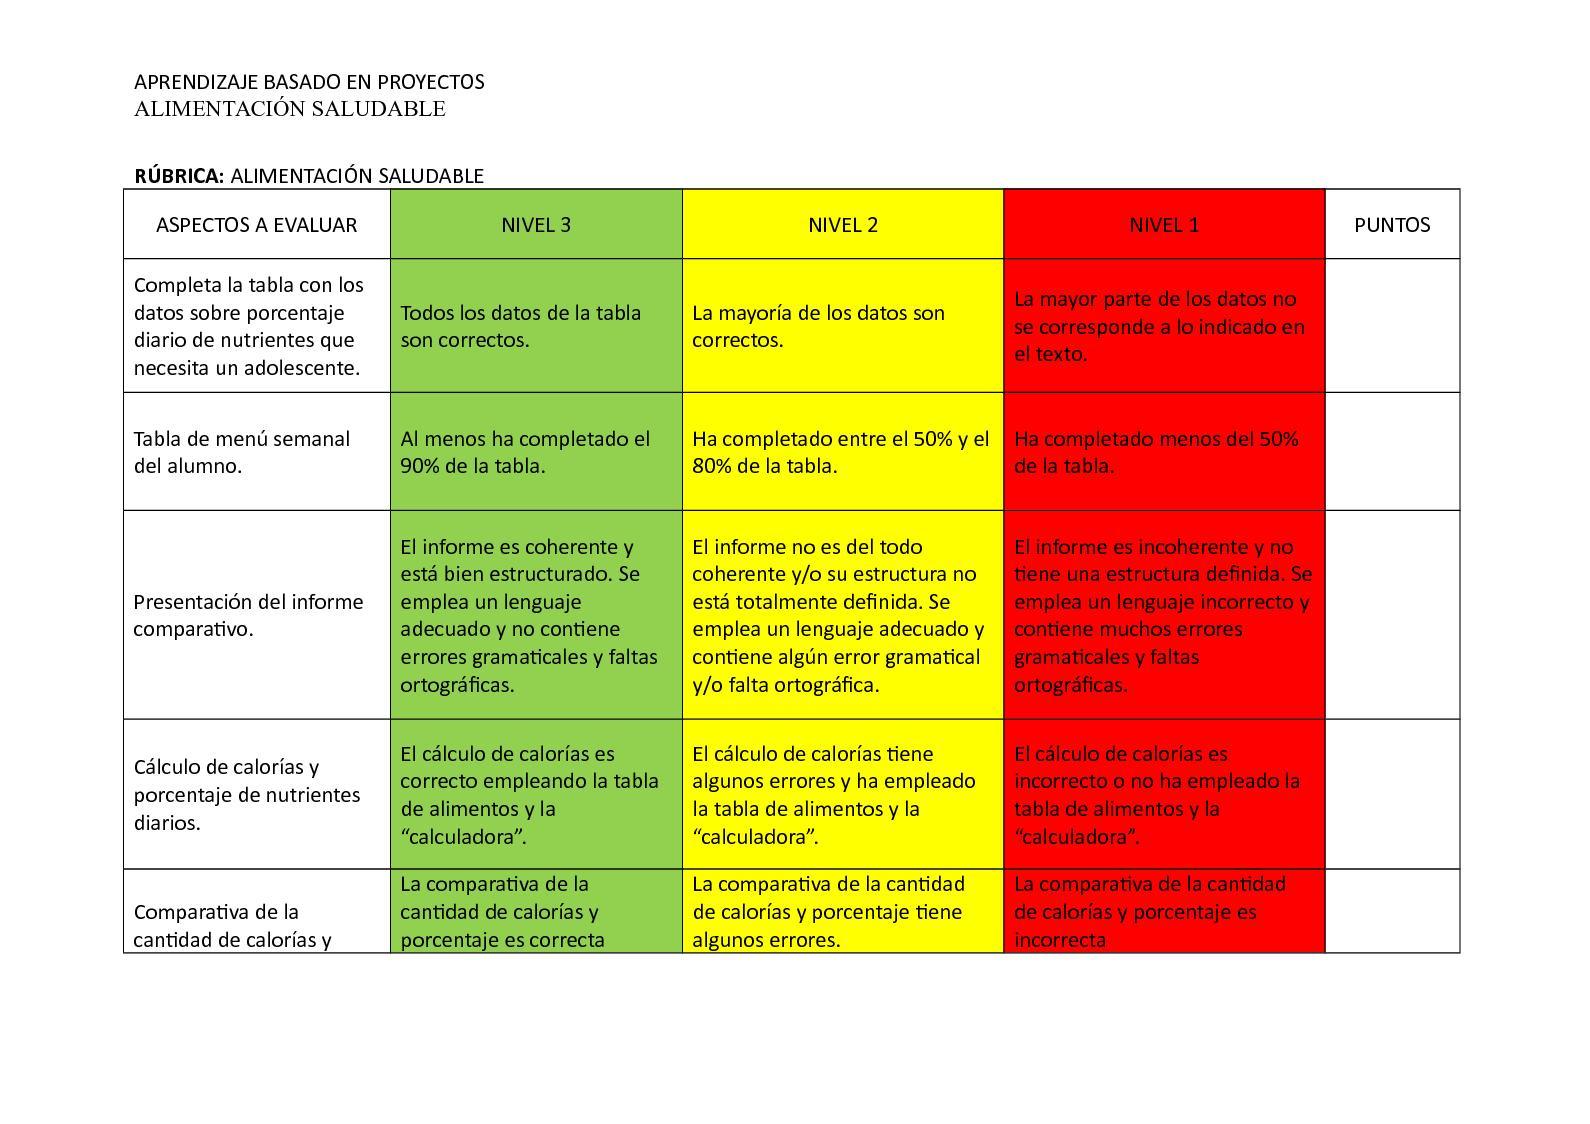 Calaméo - Plantilla Rubrica Alimentación Saludable(1)